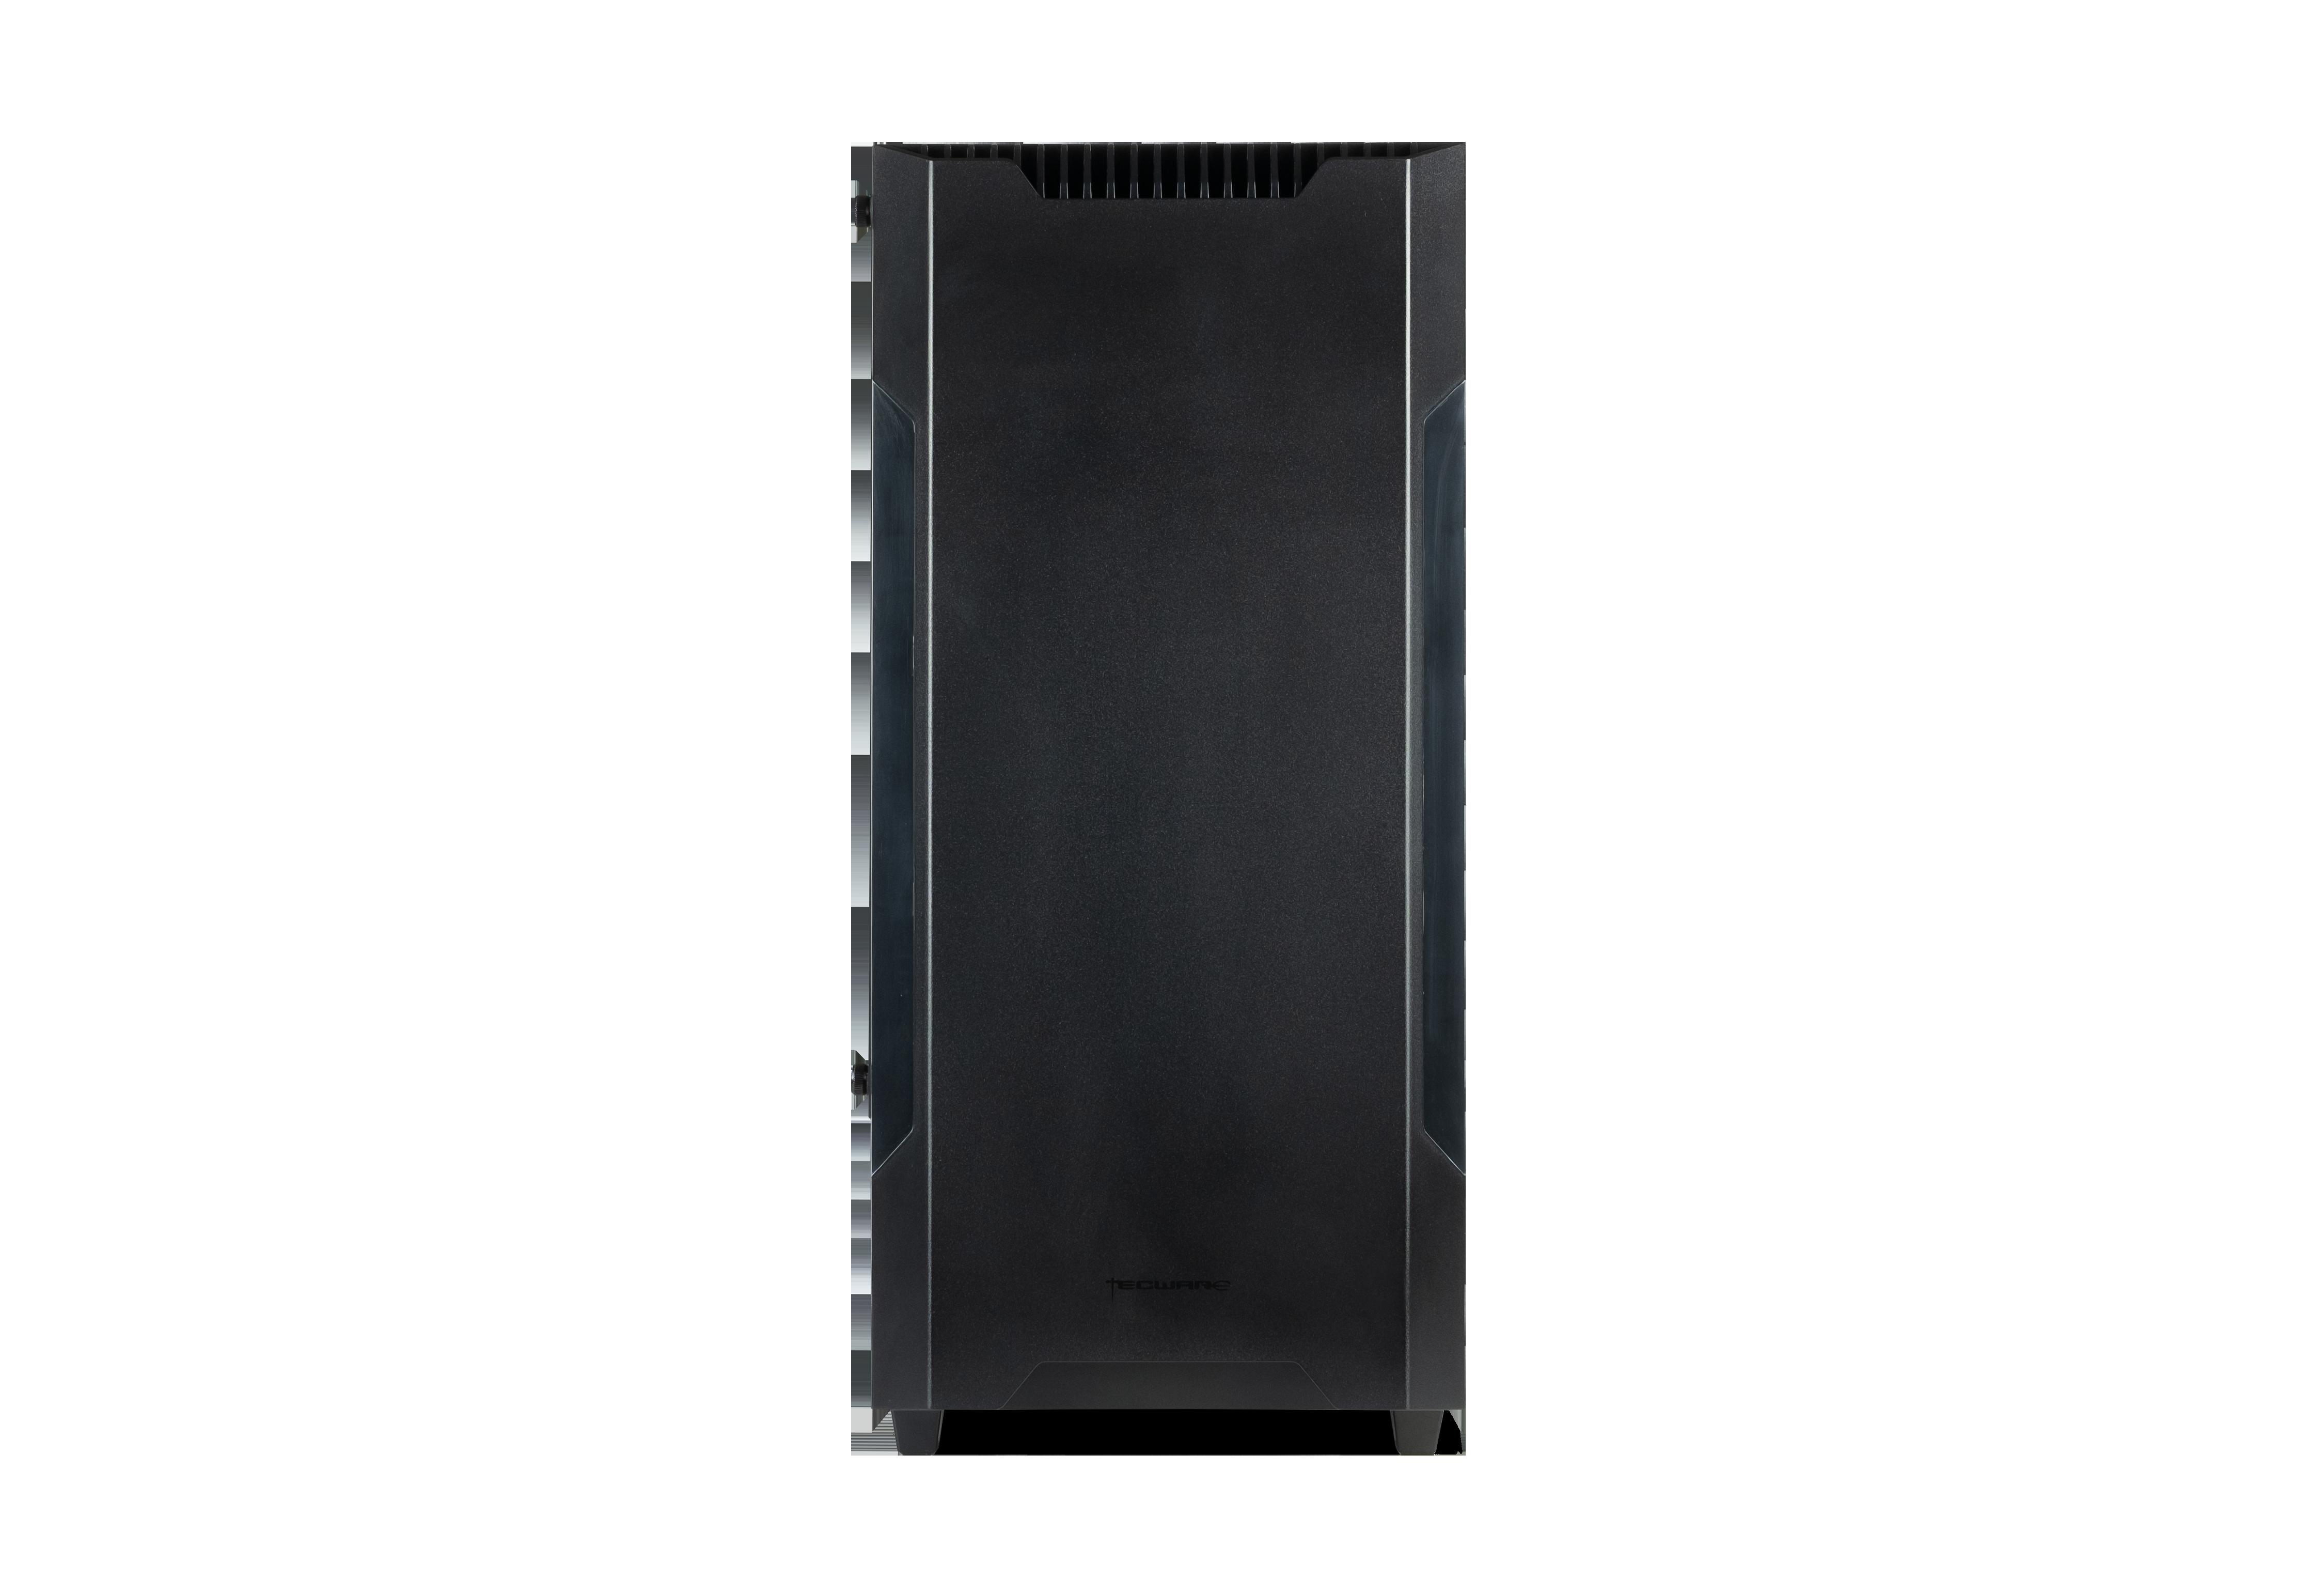 Nexus Evo Black front